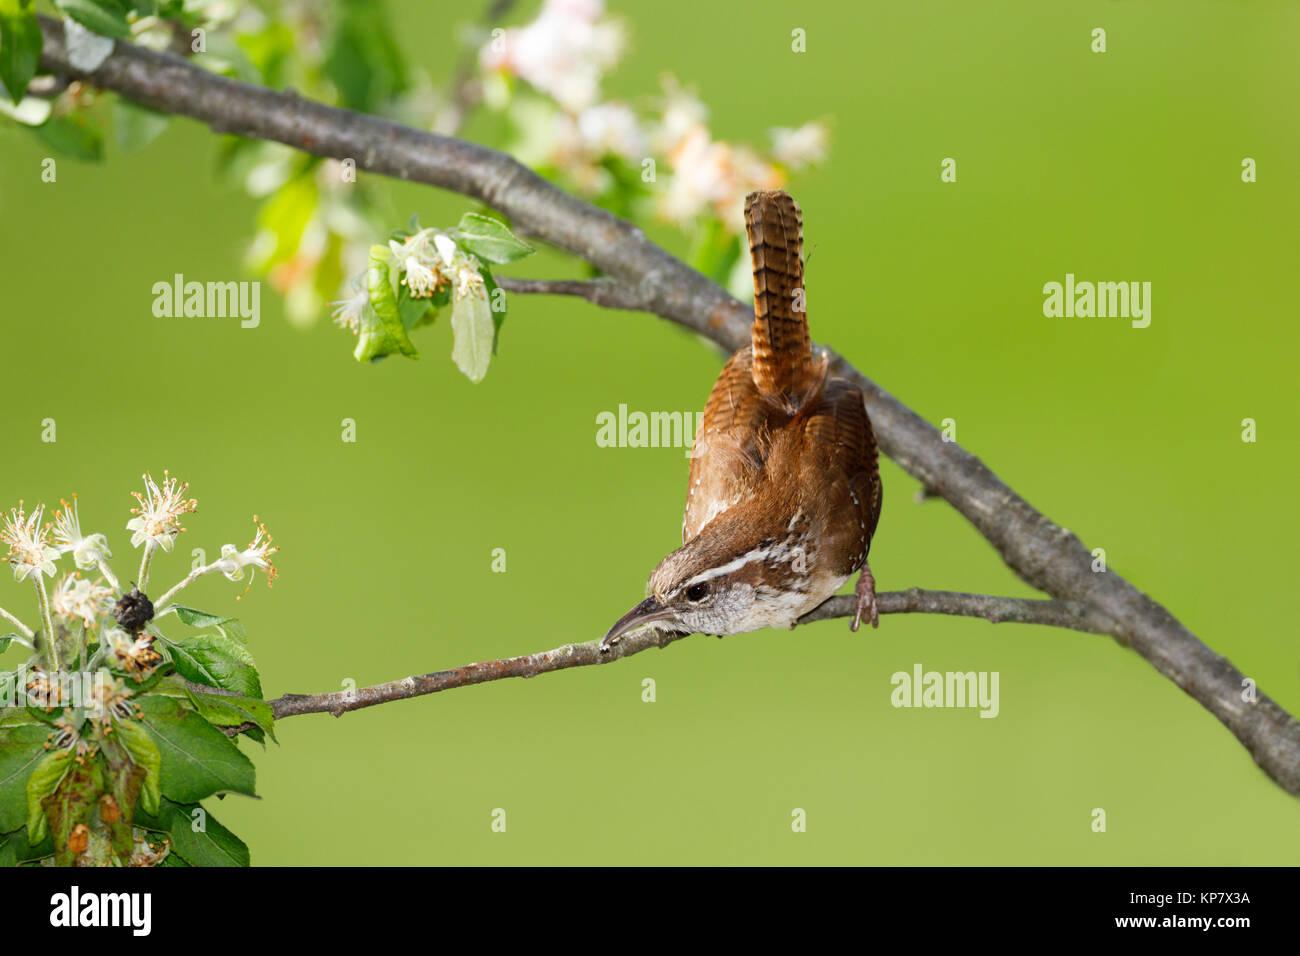 Carolina Wren On Branch Showing Long Tail and Sharp Beak - Stock Image